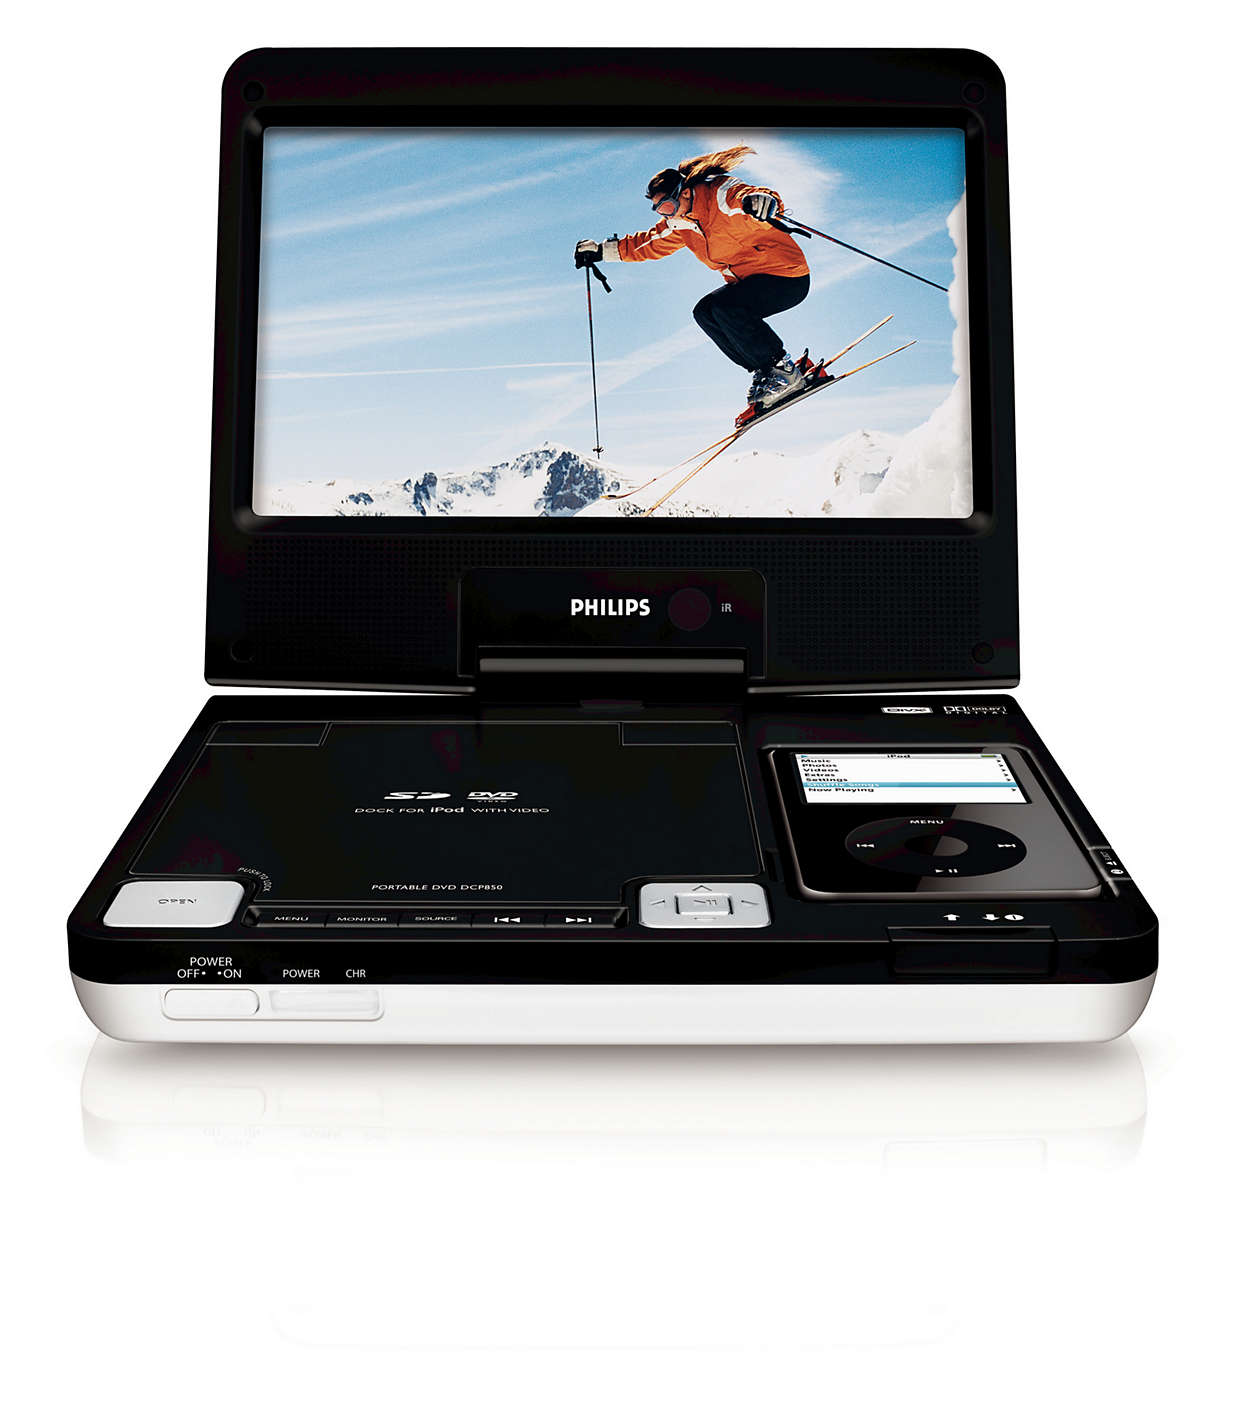 สนุกกับวิดีโอของคุณได้จาก iPod, DVD และการ์ด SD